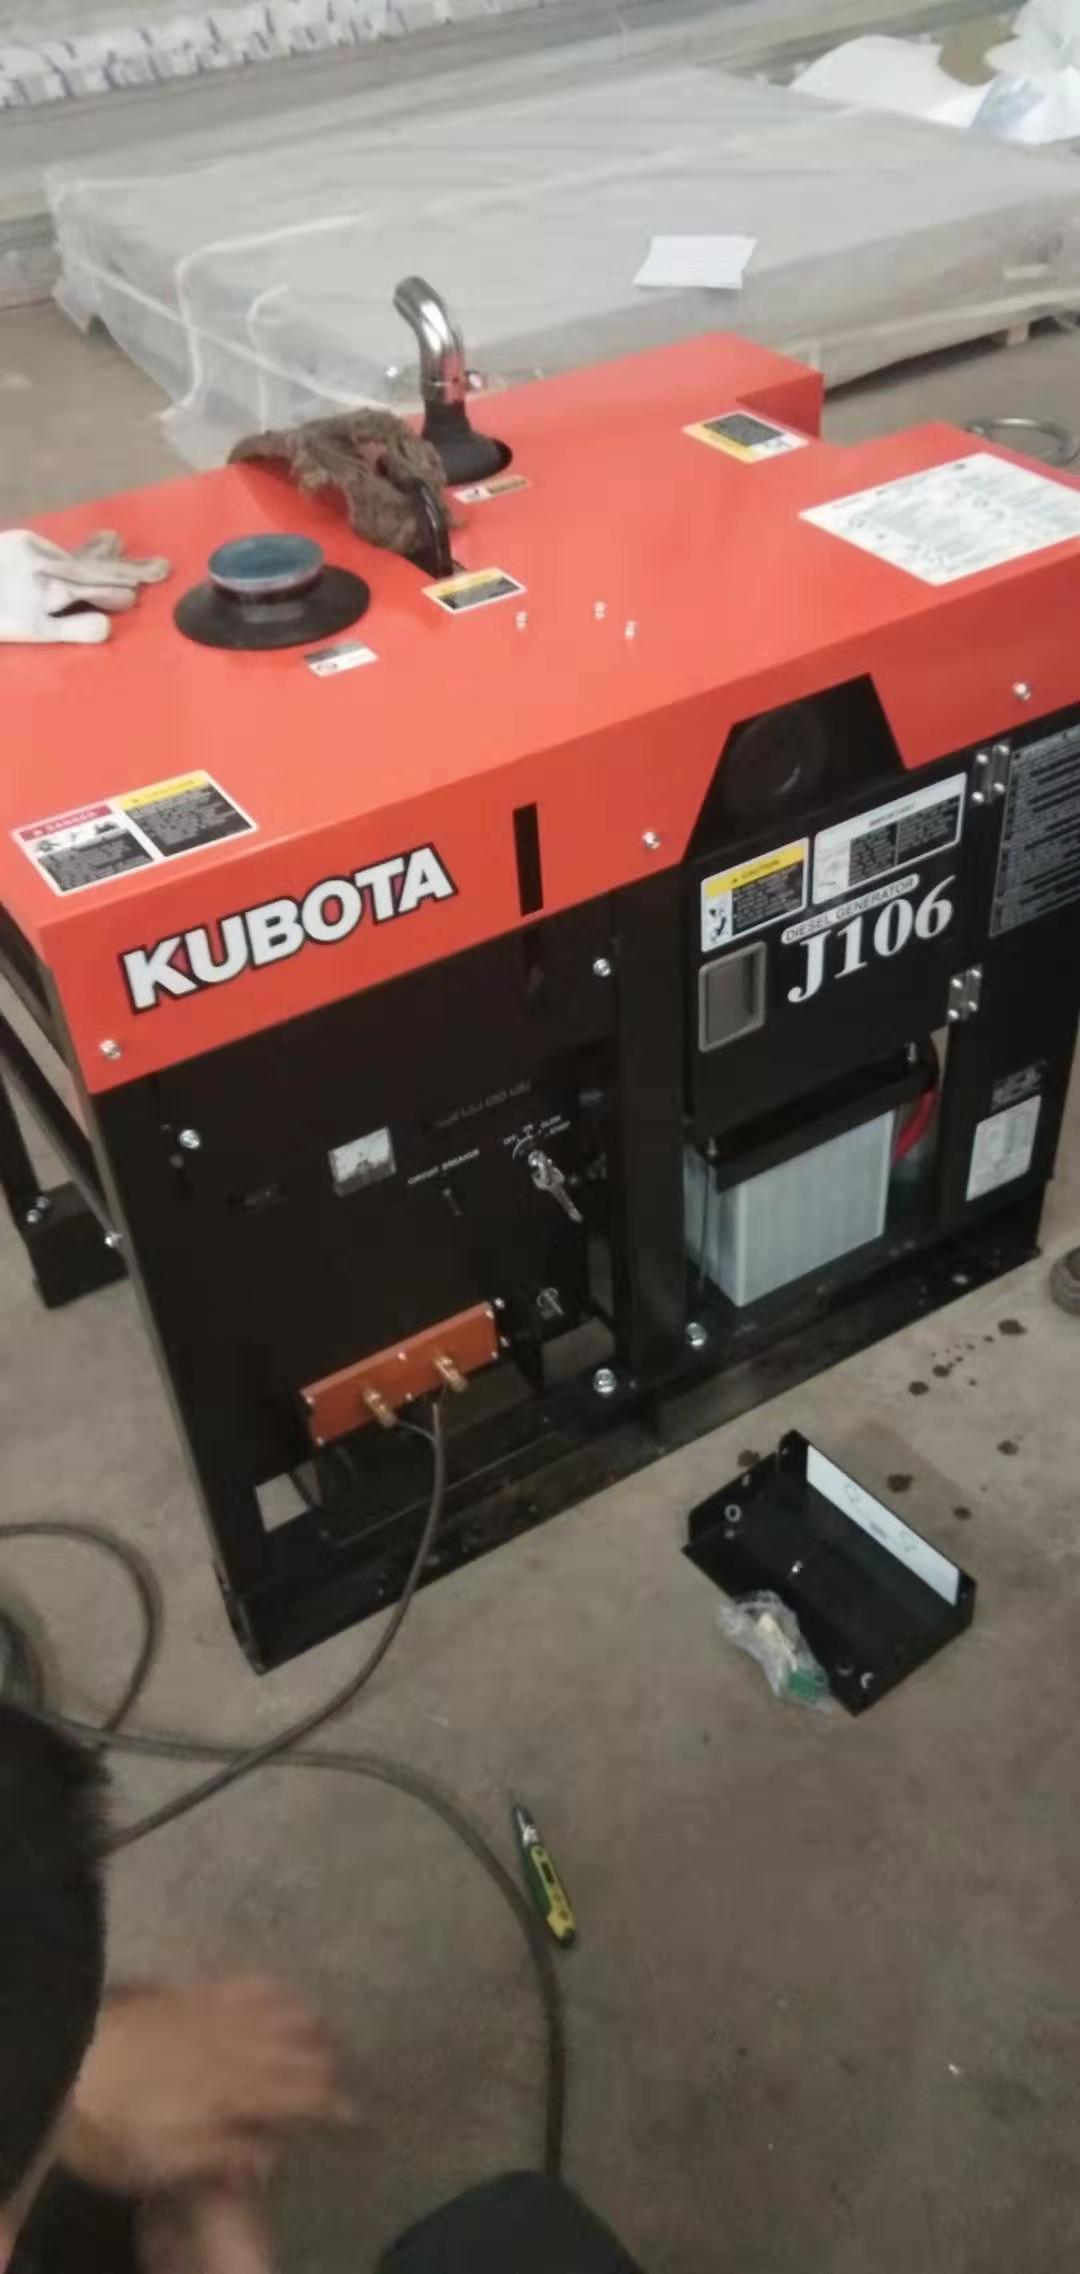 日本原装进口久保田柴油发电机J106用户交货调试现场